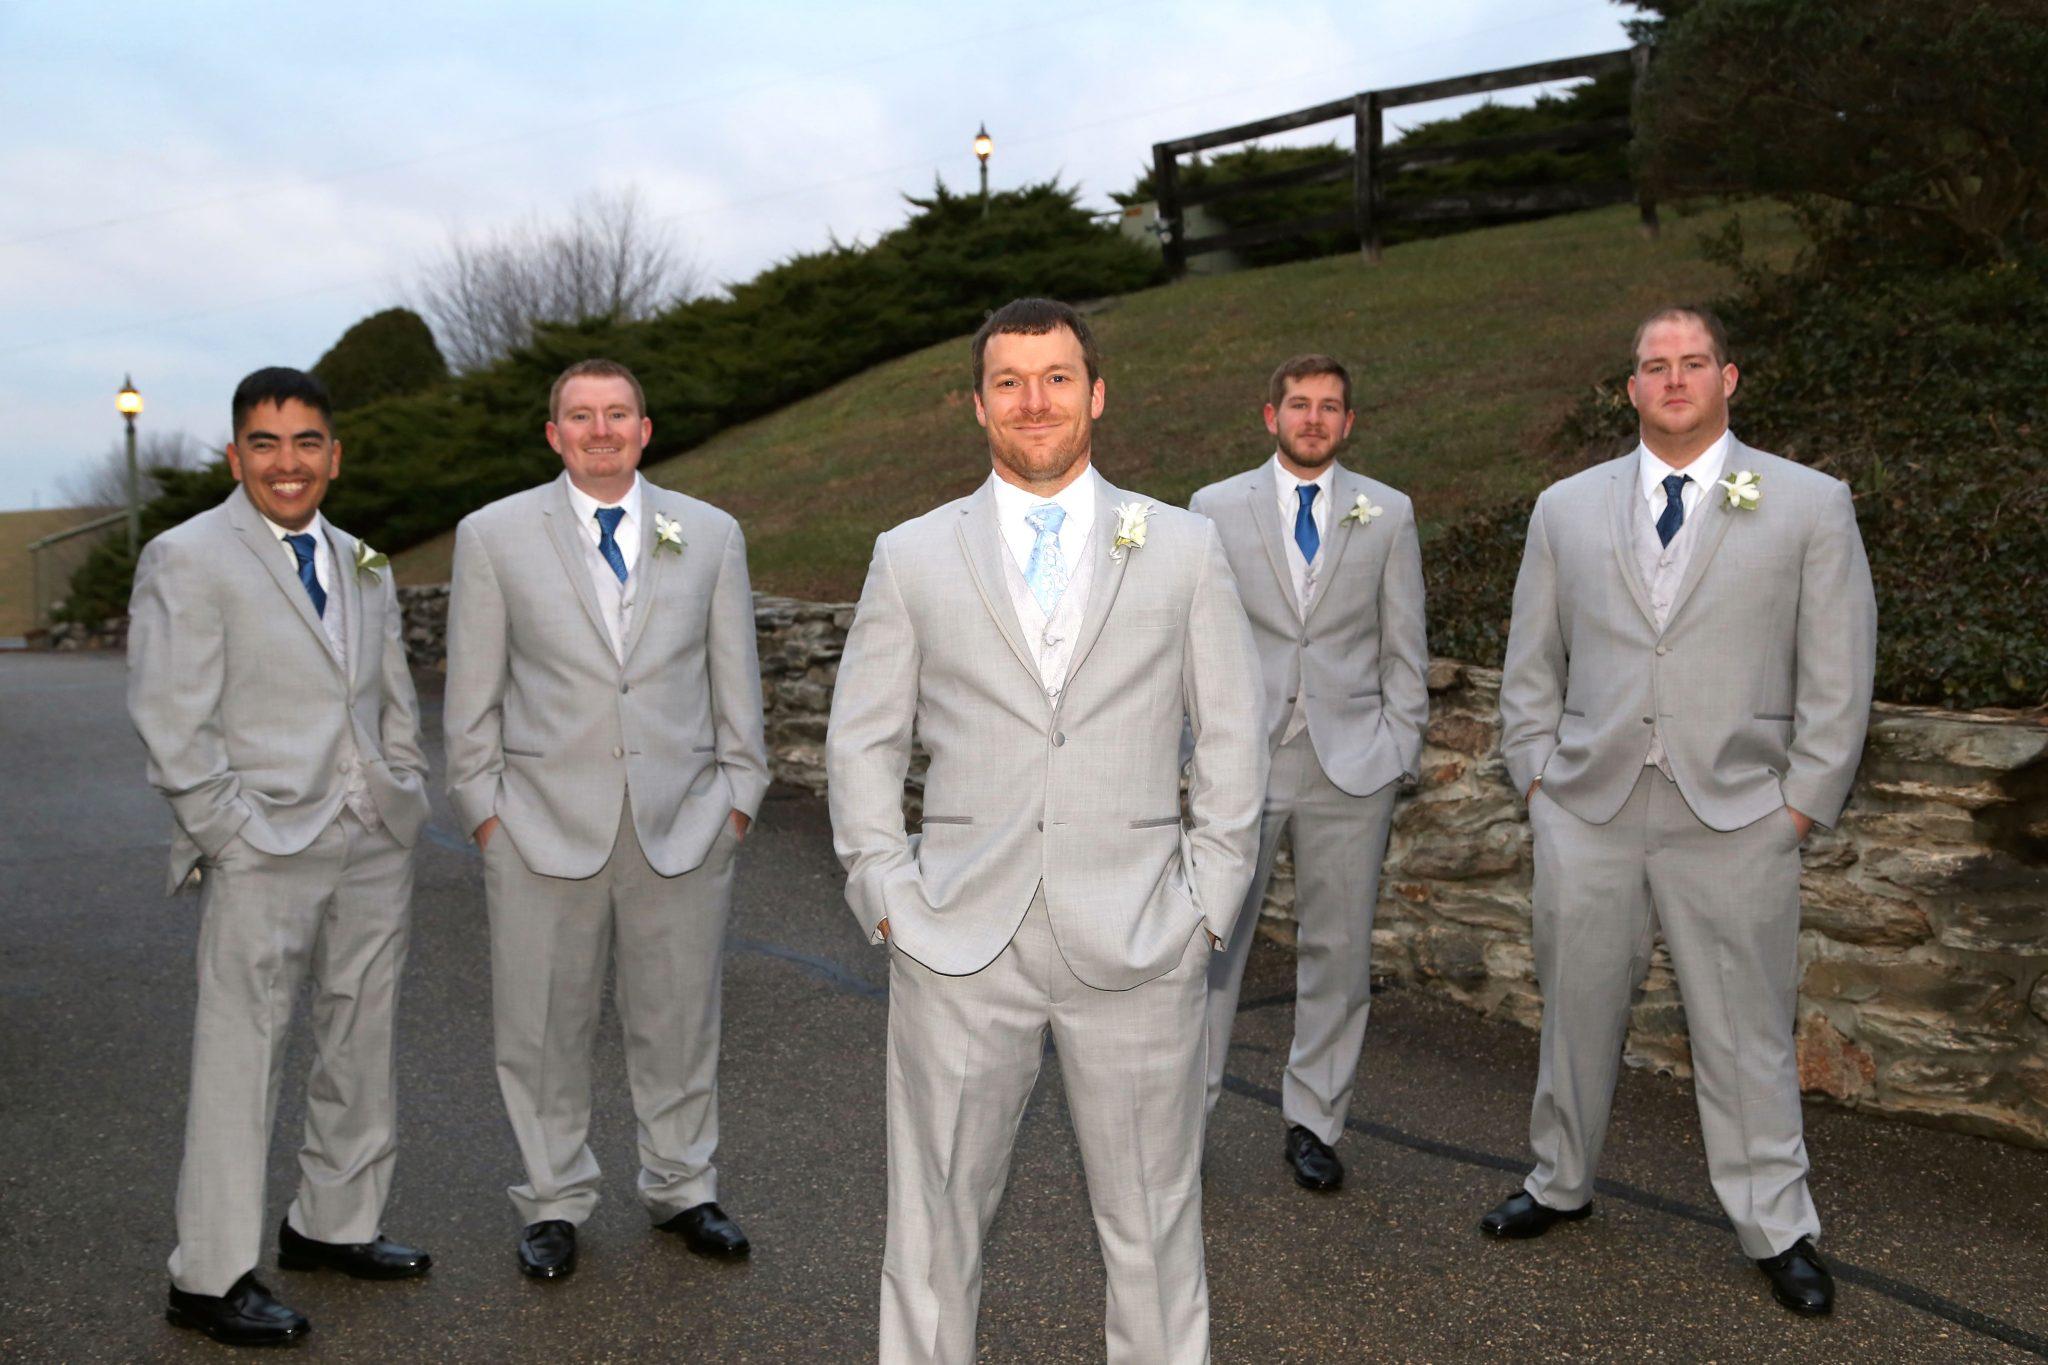 Groom poses steps from groom's room before indoor wedding